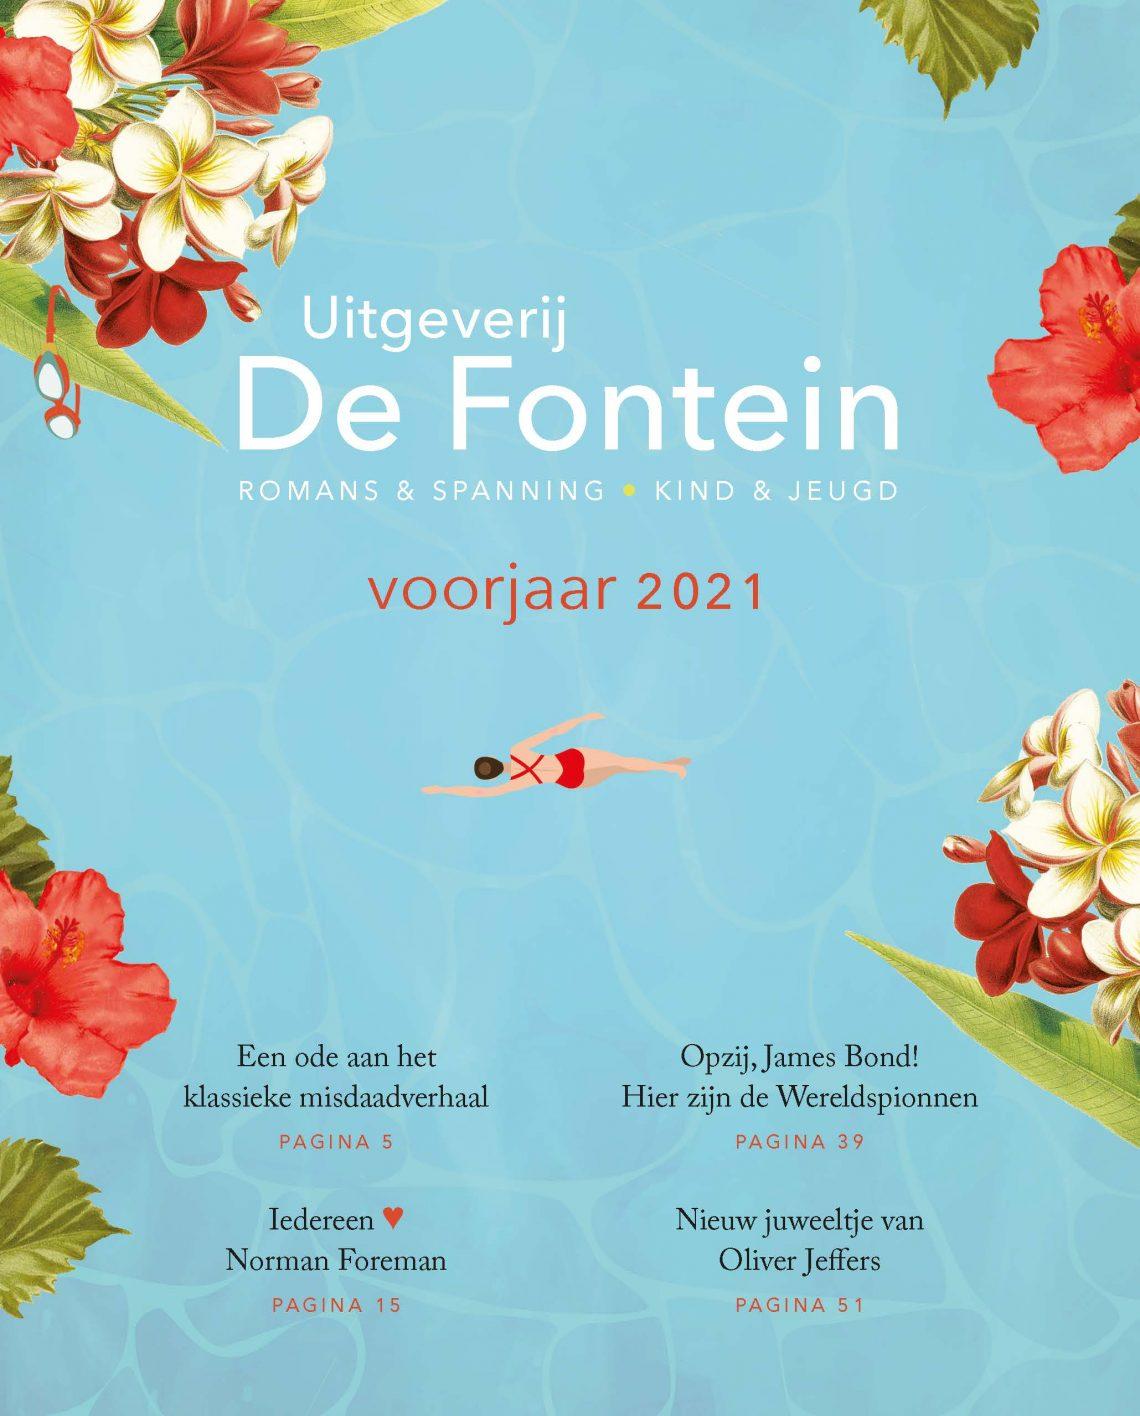 Voorjaar 2021